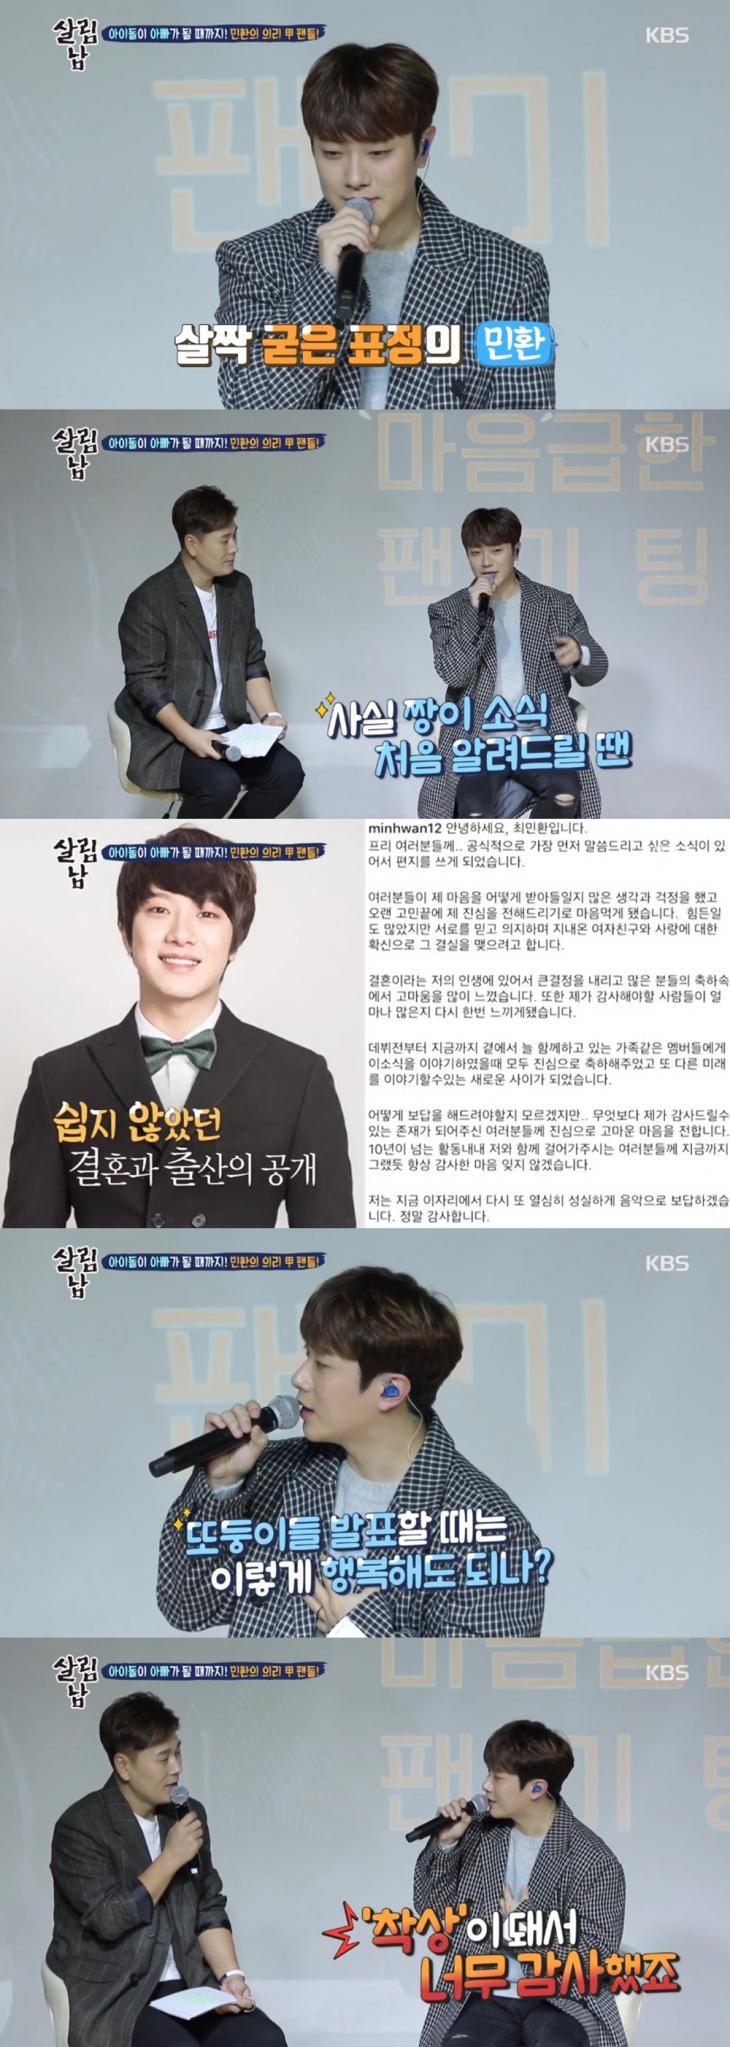 KBS2 '살림하는 남자들2' 방송 캡처